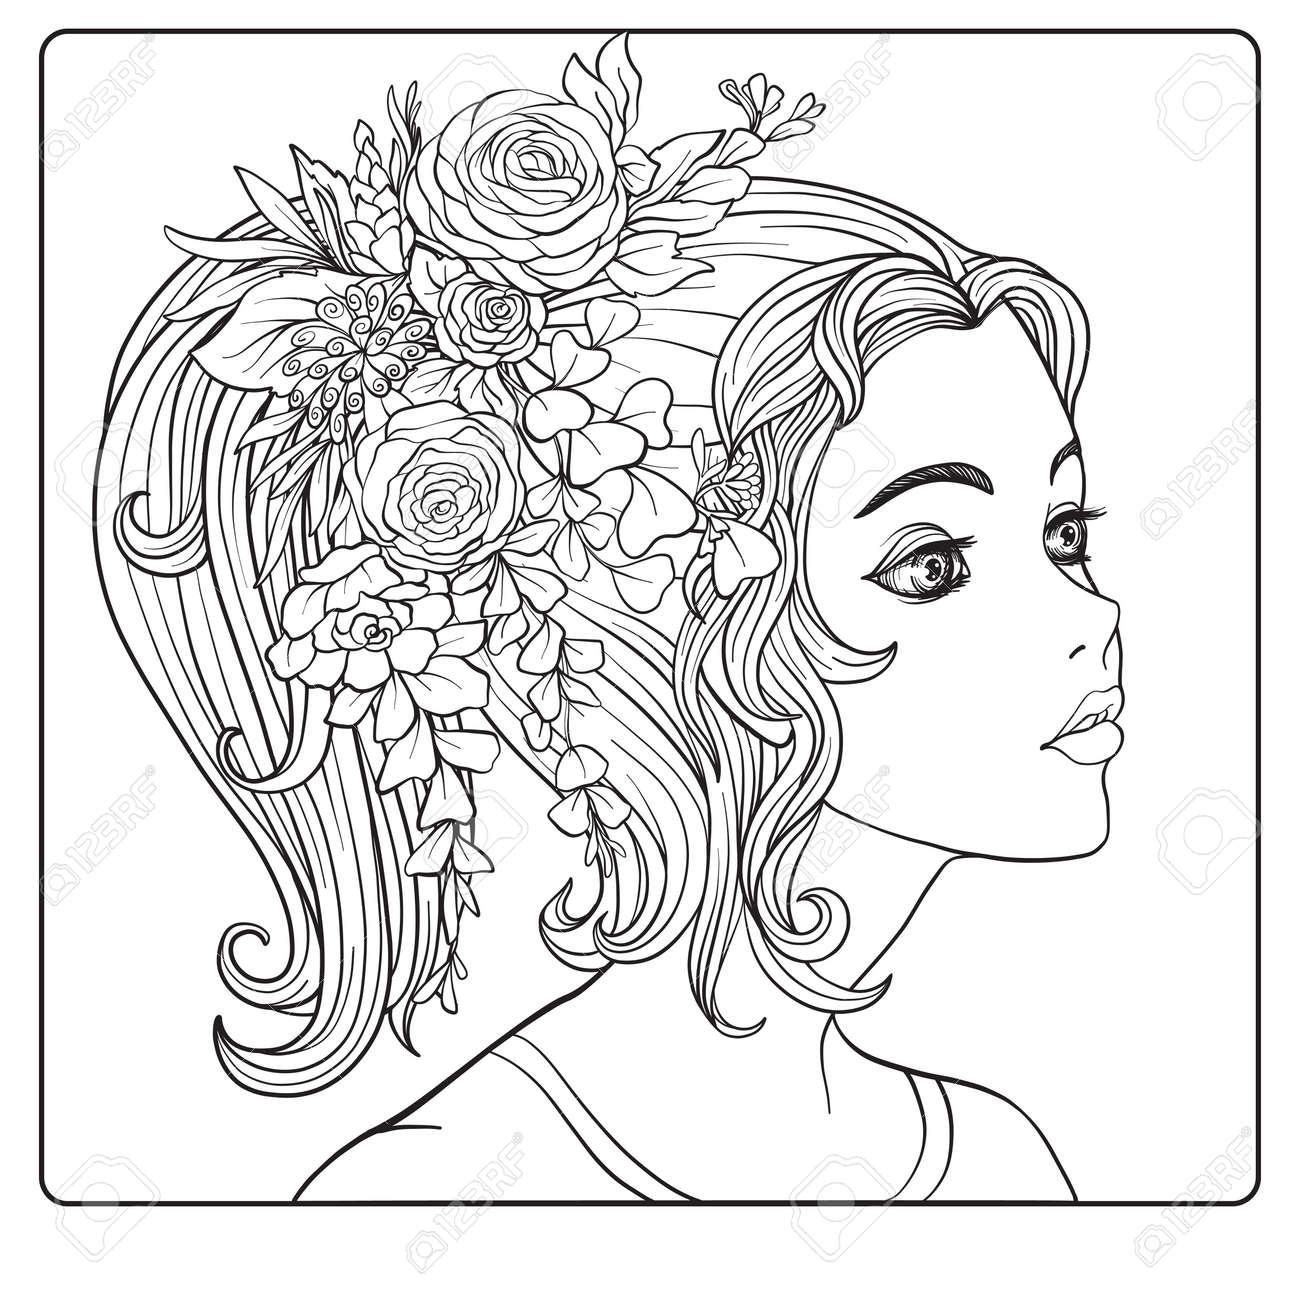 Coloriage Fille Avec Modele.Une Jeune Fille Belle Avec Une Couronne De Fleurs Sur Sa Tete Coloriage De Dessin De Main De Contour Pour Le Livre De Coloriage Adulte